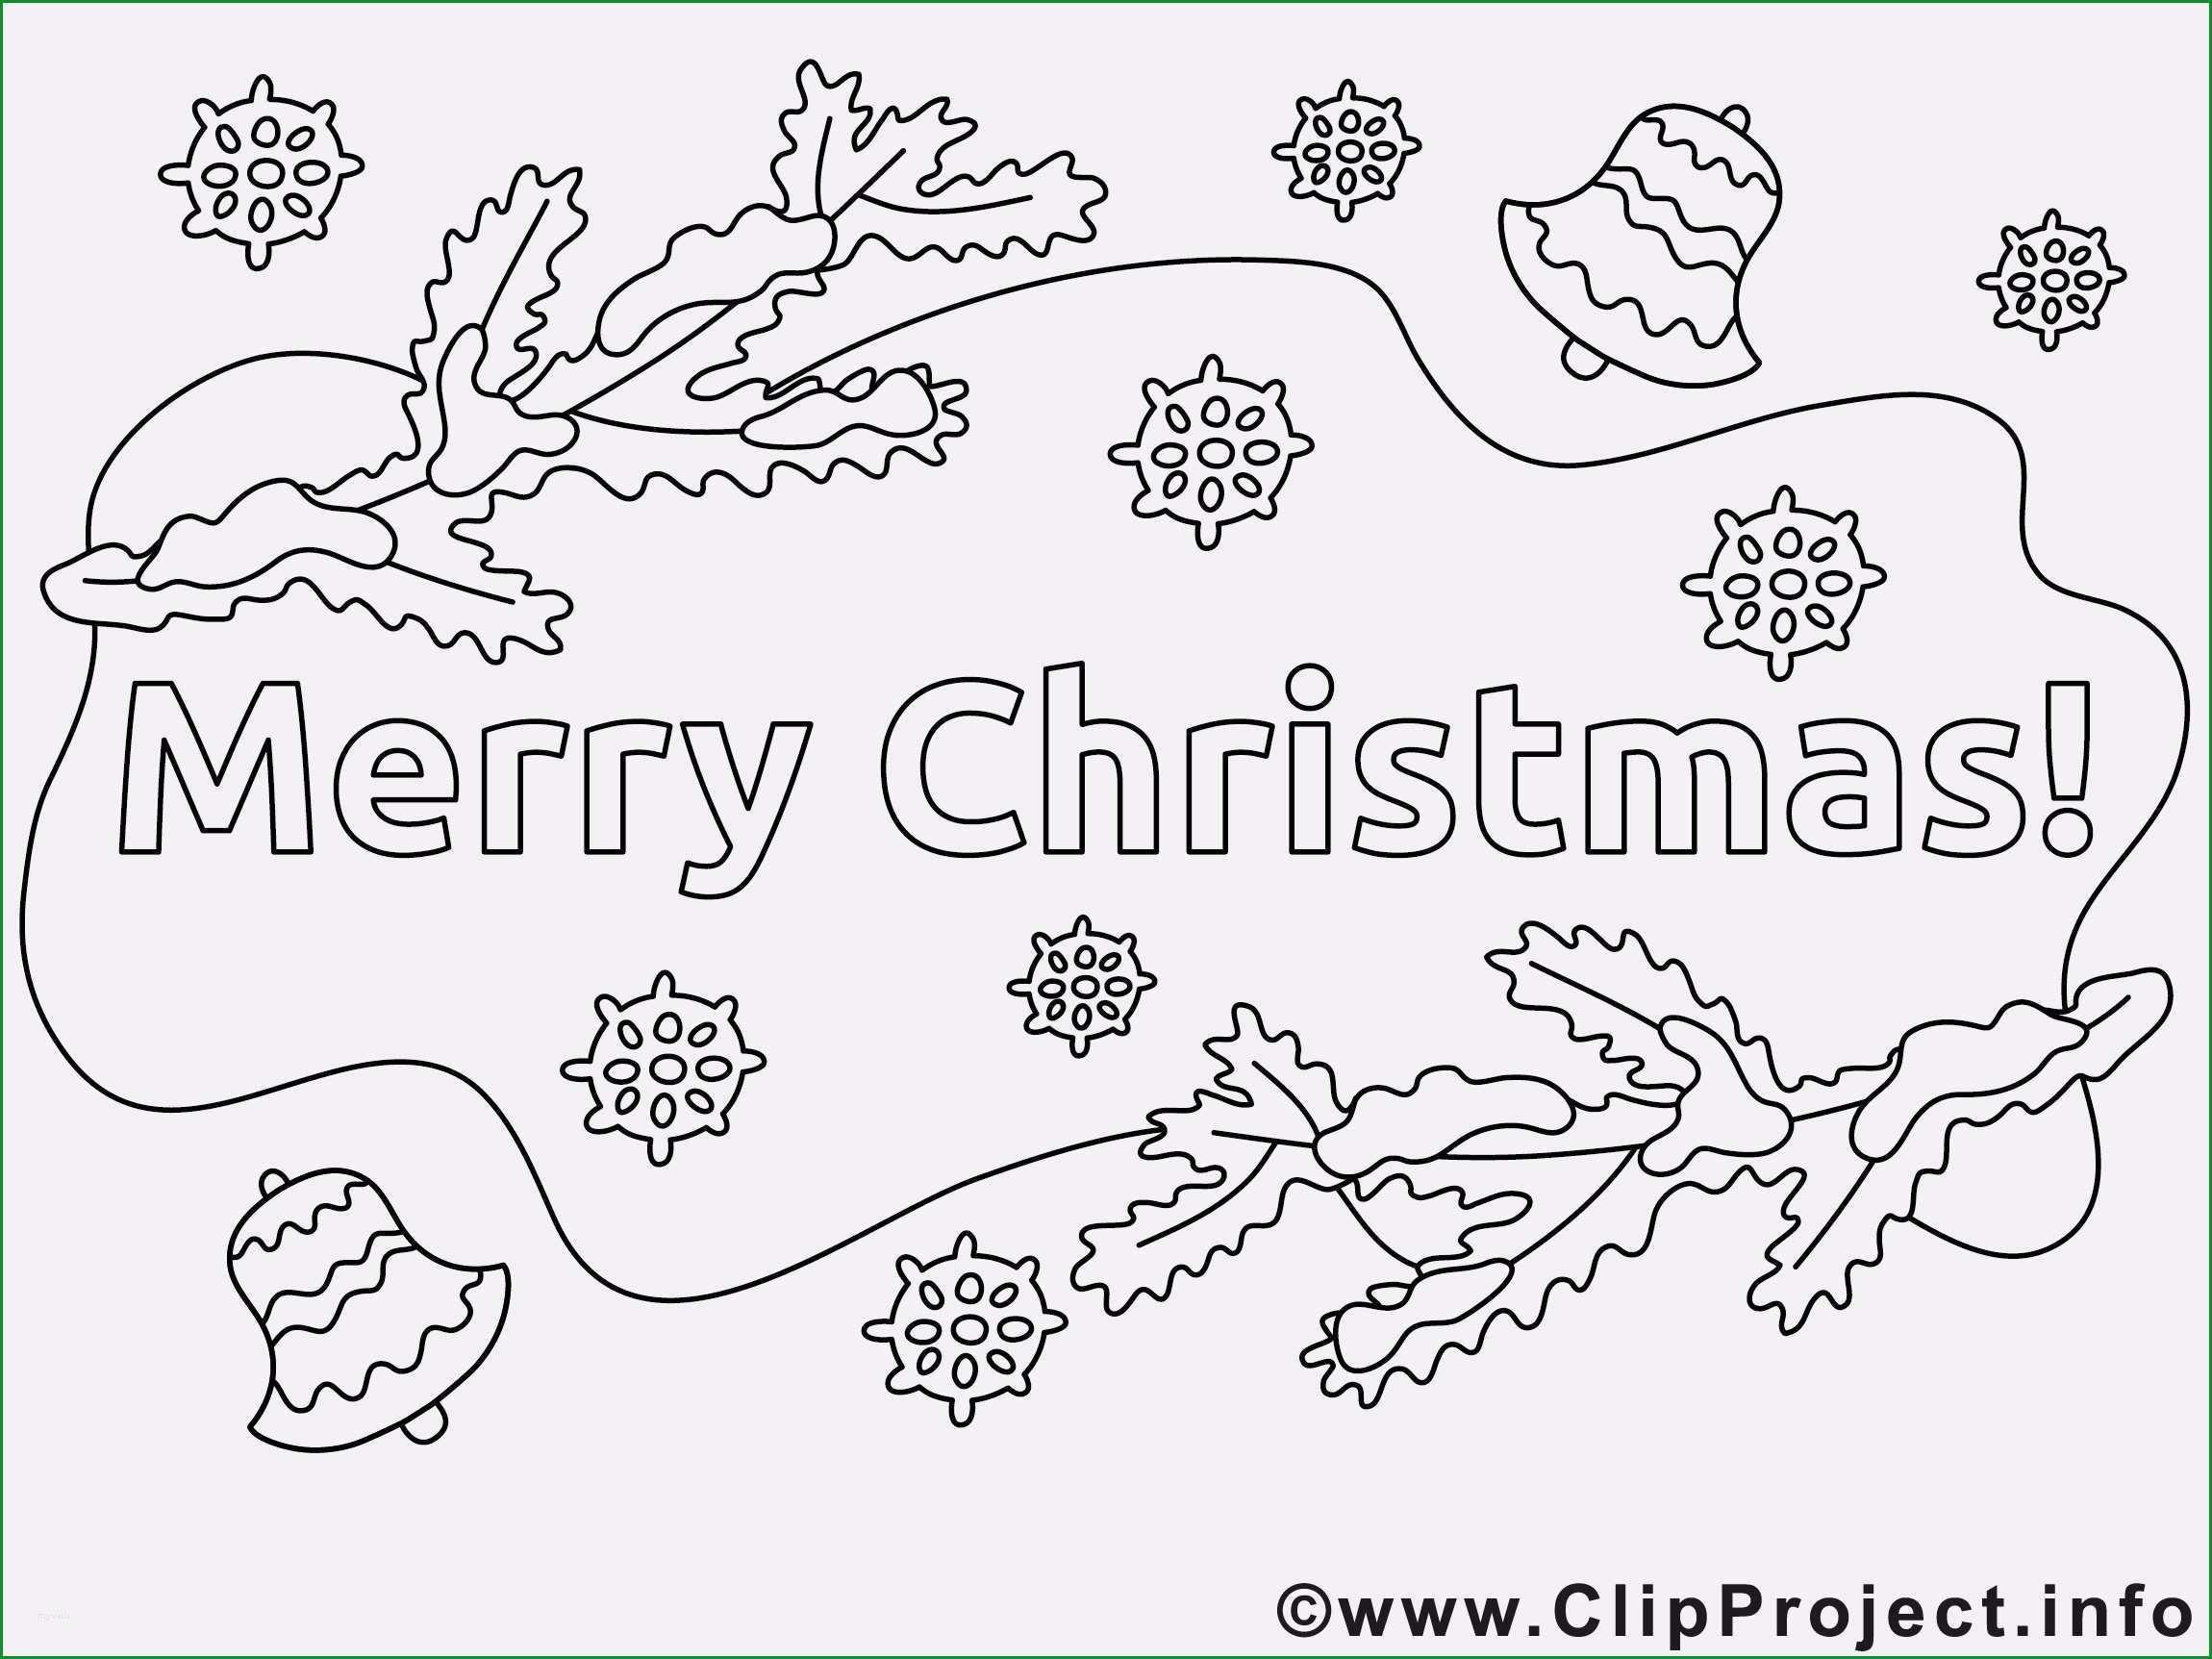 weihnachts vorlagen zum ausdrucken best of teddy und fur new ausmalbilder wunschzettel vorlage